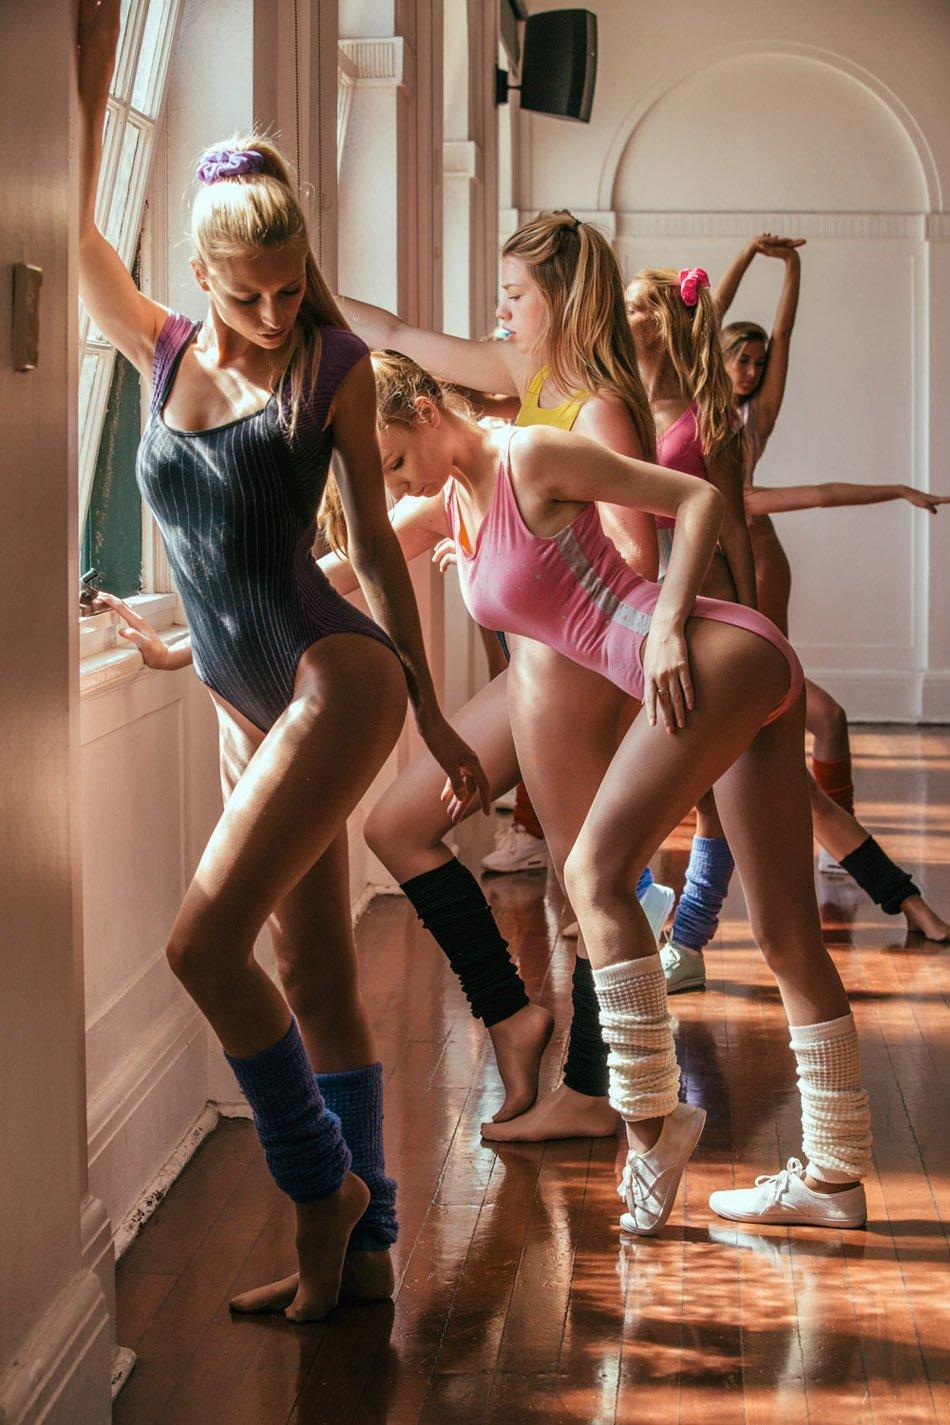 эротические фото аэробика девушки отвратительные мужики disgusting men